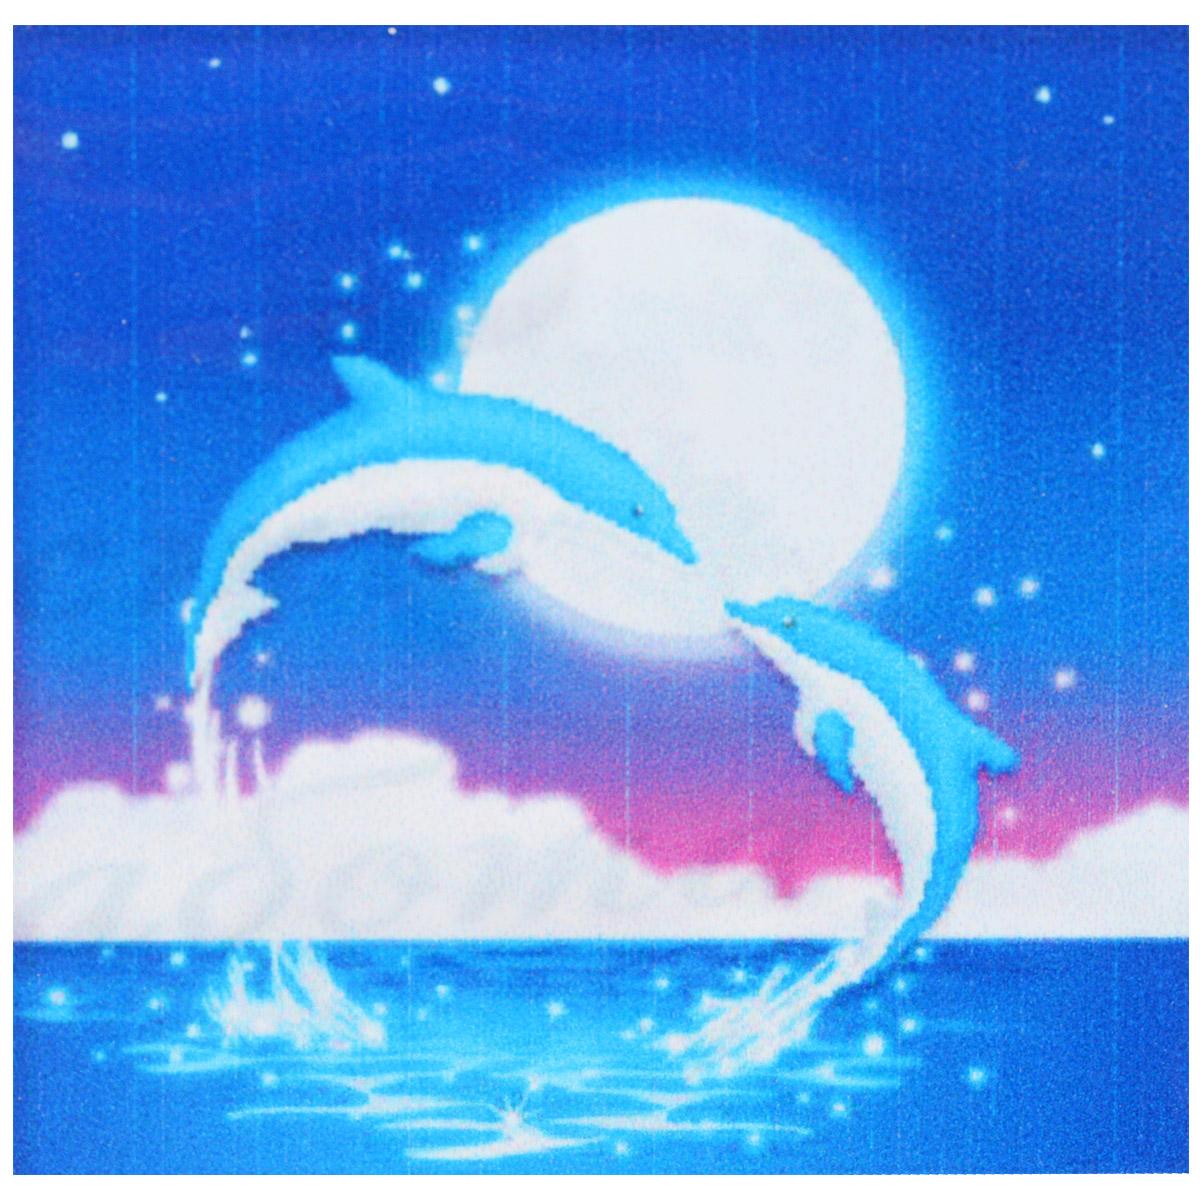 Набор для изготовления картины со стразами Cristal Дельфины, 48,5 х 48,5 см7710732.9026Набор для изготовления картины со стразами Cristal Дельфины поможет вам создать свой личный шедевр. Работа, выполненная своими руками, станет отличным подарком для друзей и близких! Набор содержит: - полотно-схема с нанесенным рисунком и клеевым слоем (размер 55 см х 55 см), - пластиковое блюдце; - стразы (9 цветов), - клей для страз; - карандаш; - точилка; - пинцет; - 2 ватные палочки; - 2 маленьких пакетика; - инструкция на русском языке. Подарите близким тепло ваших рук!